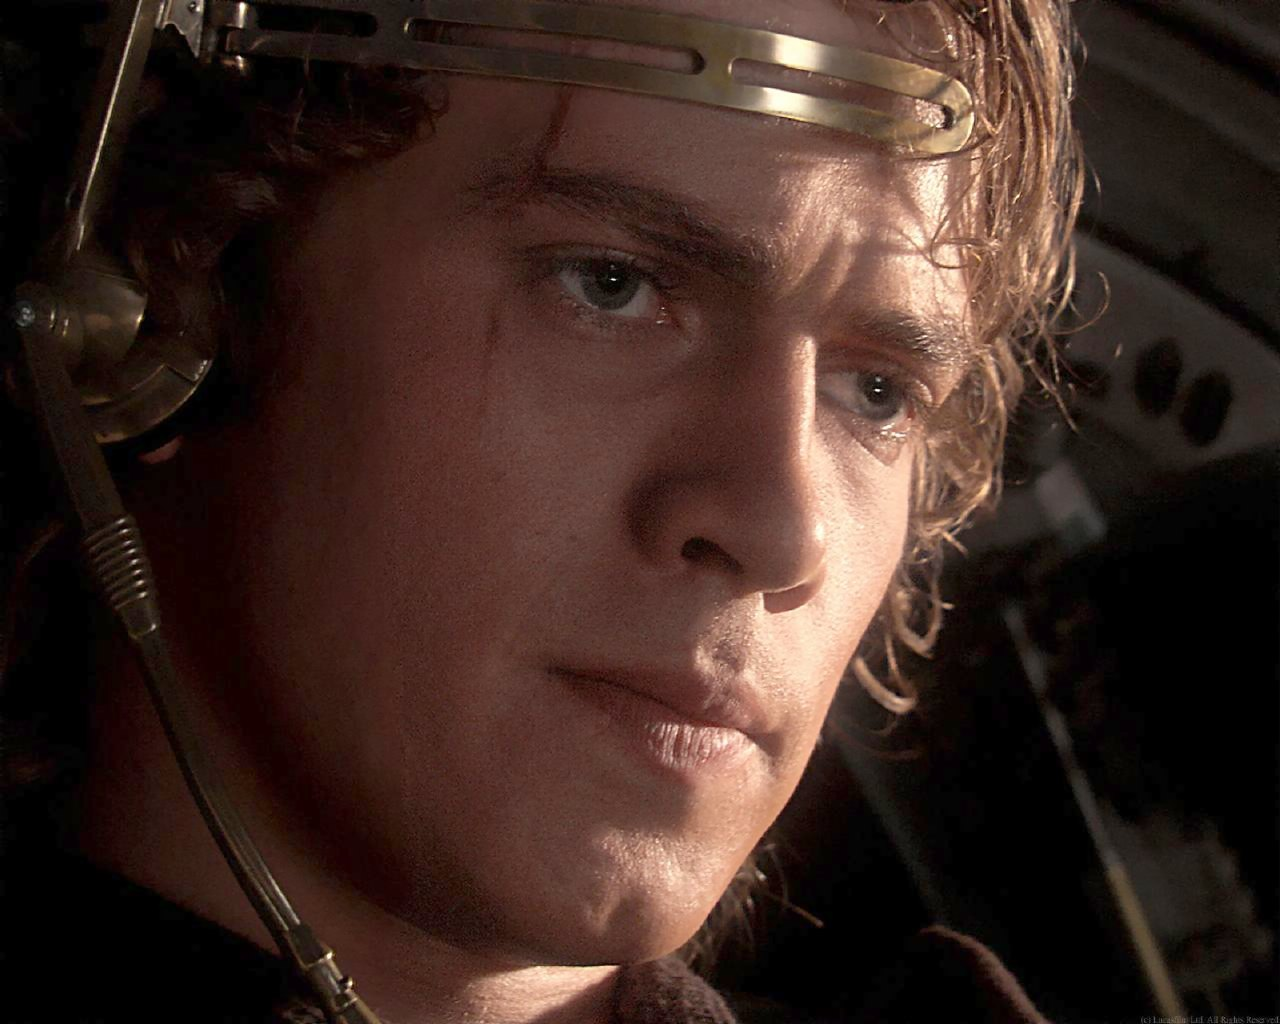 Revenge of the Sith - Star Wars: Revenge of the Sith Wallpaper ...